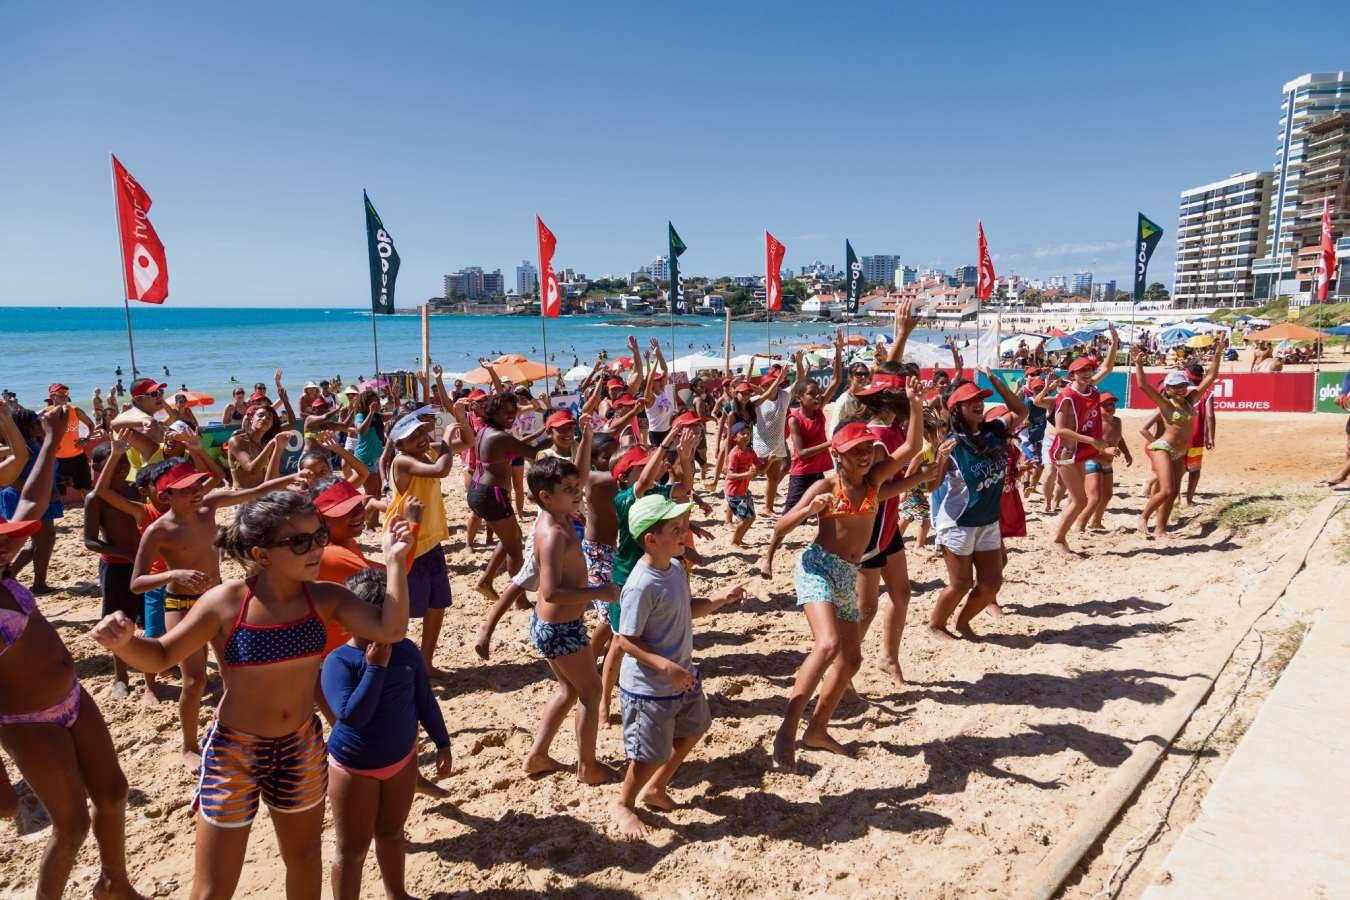 Crianças e adultos em atividade  do Circuito de Verão na Praia do Morro, em Guarapari, no ano passado. Crédito: Larissa Passos | Arquivo